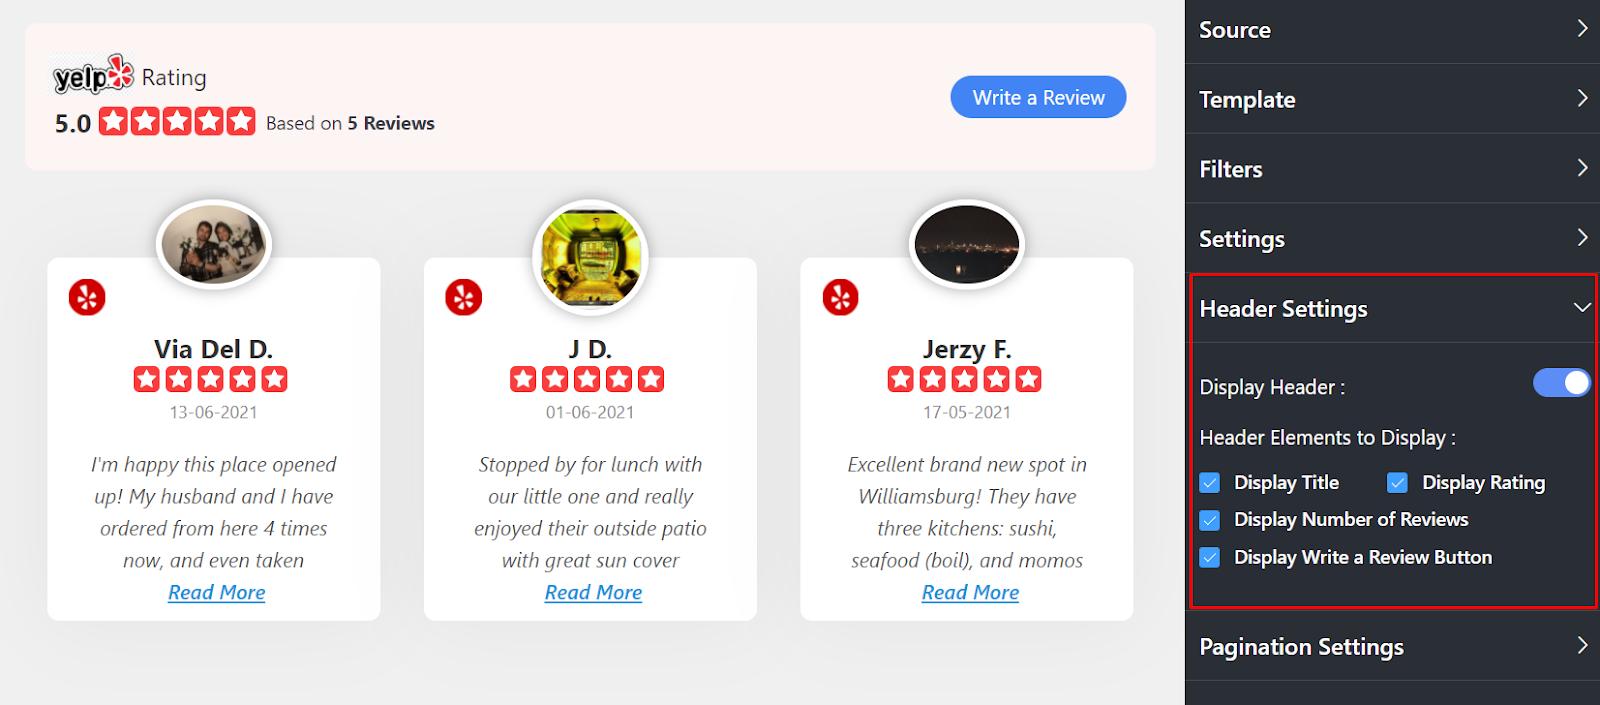 Yelp reviews Header Settings